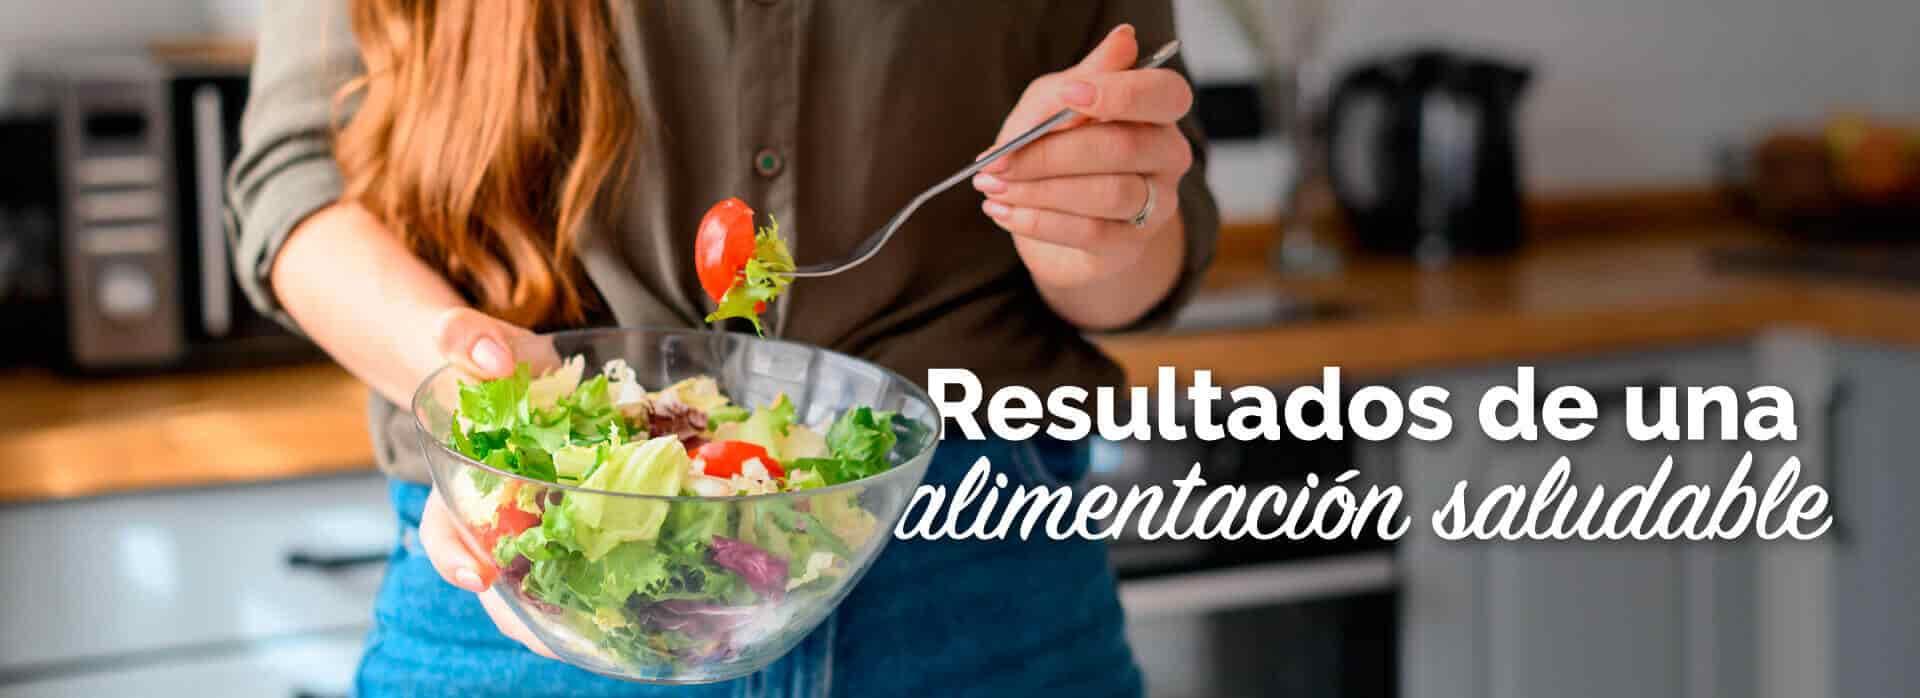 Resultado de una alimentación saludable